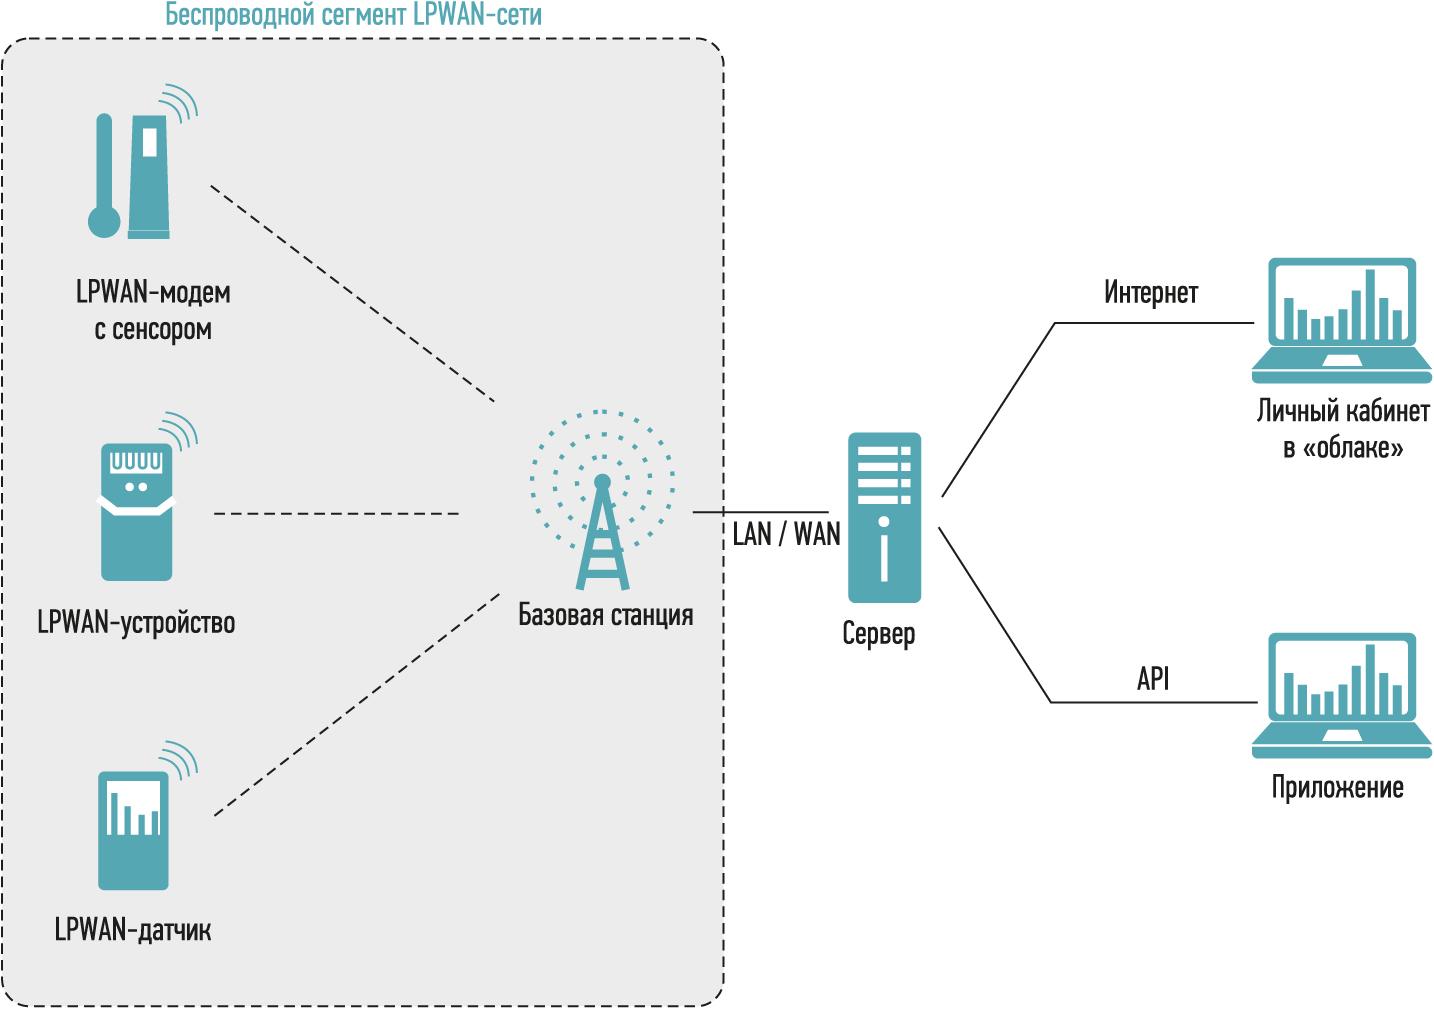 Рис. 3. LPWAN-сеть, топология «звезда»